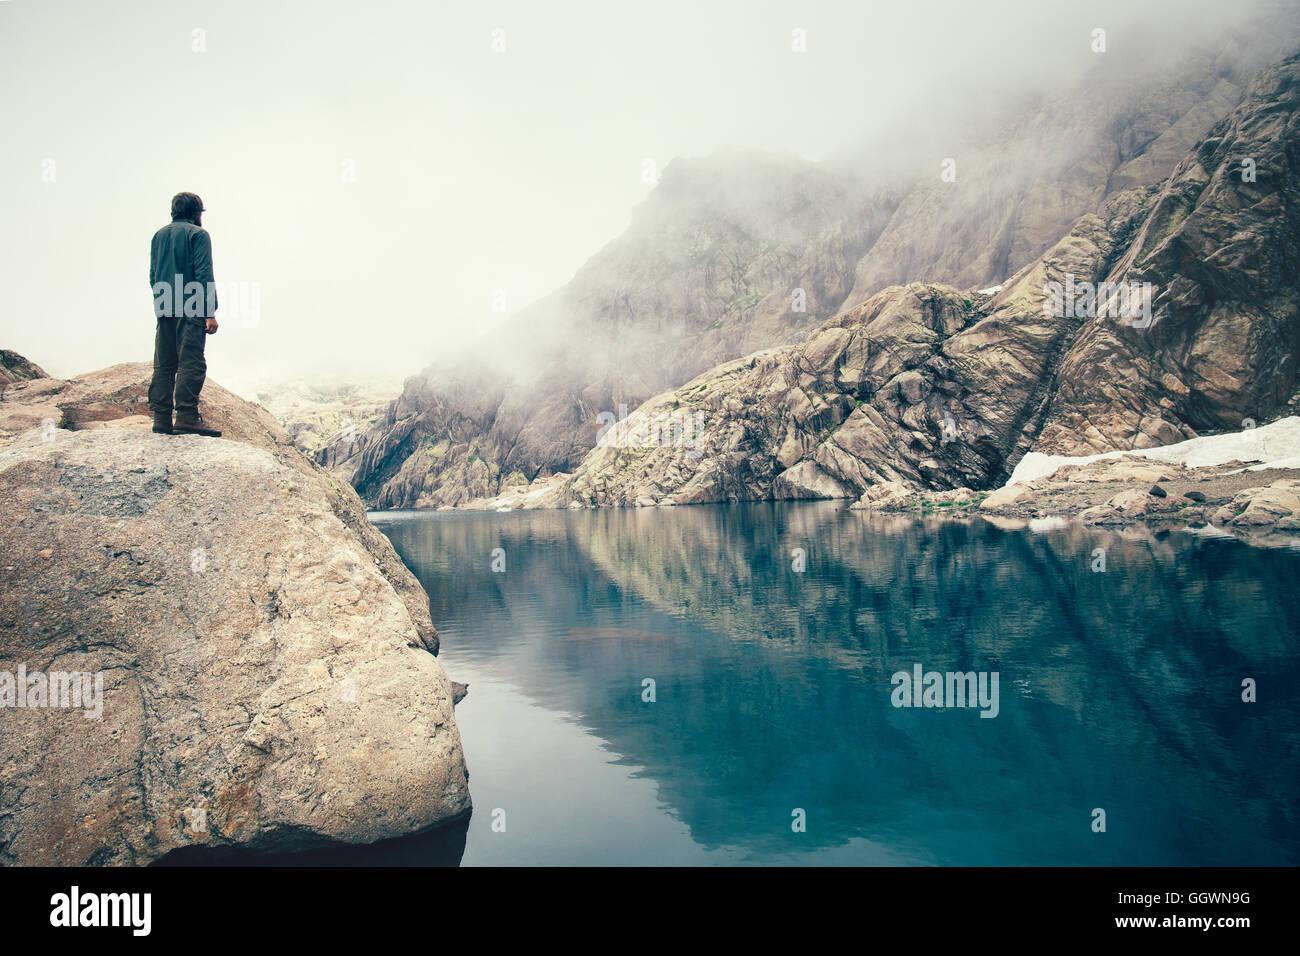 Hombre de pie solo viajero acantilado de piedra sobre el lago y las montañas nubladas sobre antecedentes de Imagen De Stock